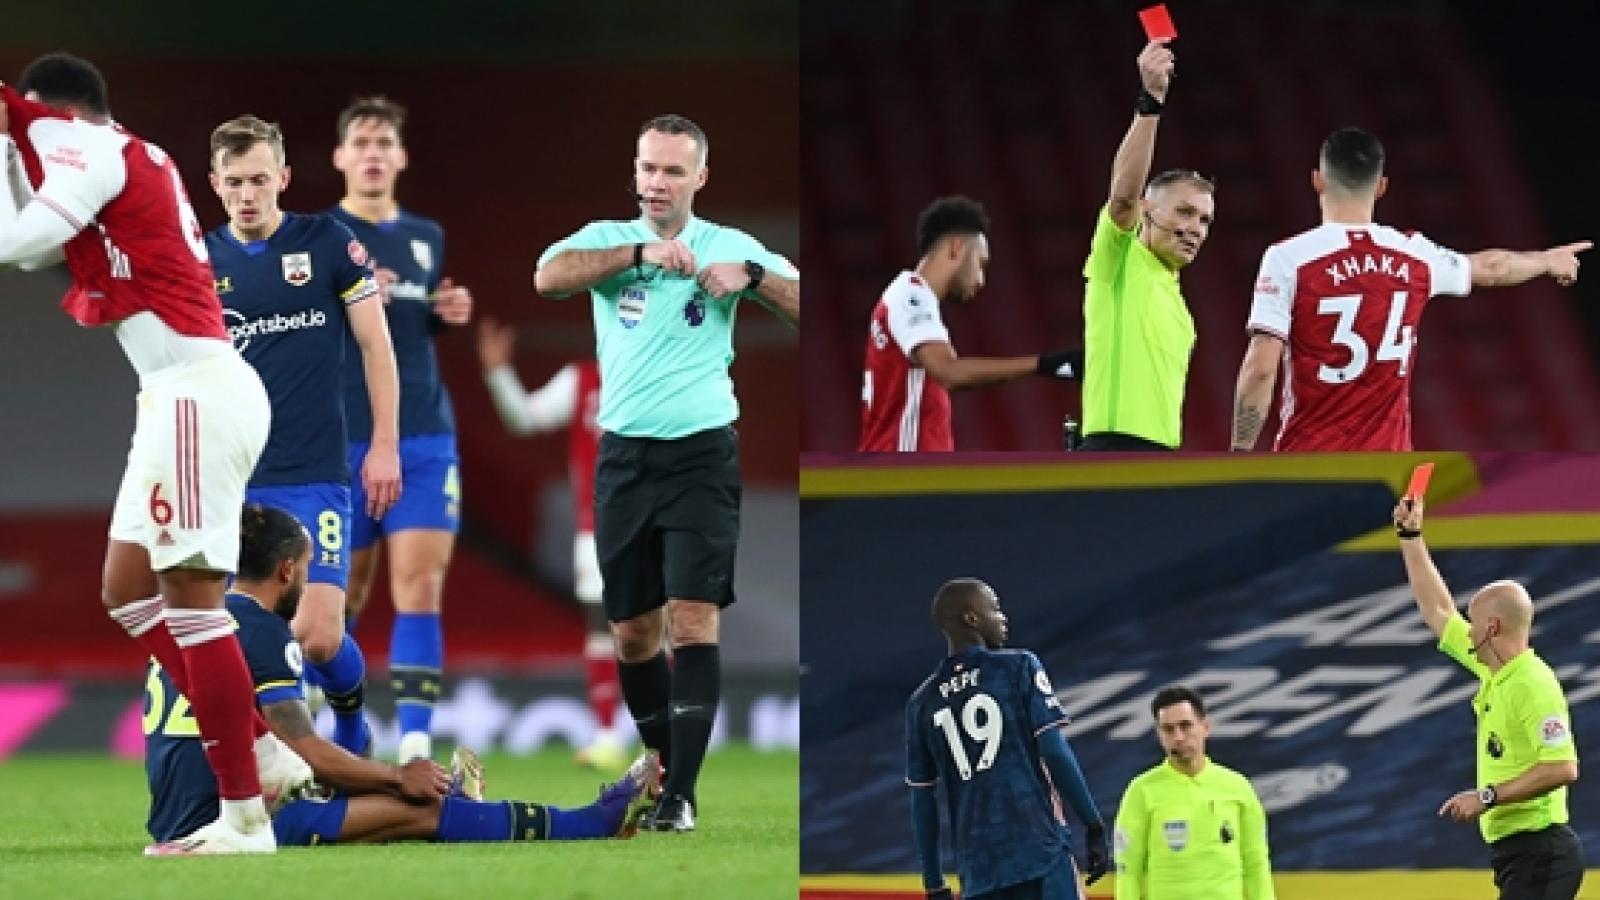 Arsenal lĩnh 3 thẻ đỏ trong vòng 5 trận tại Premier League